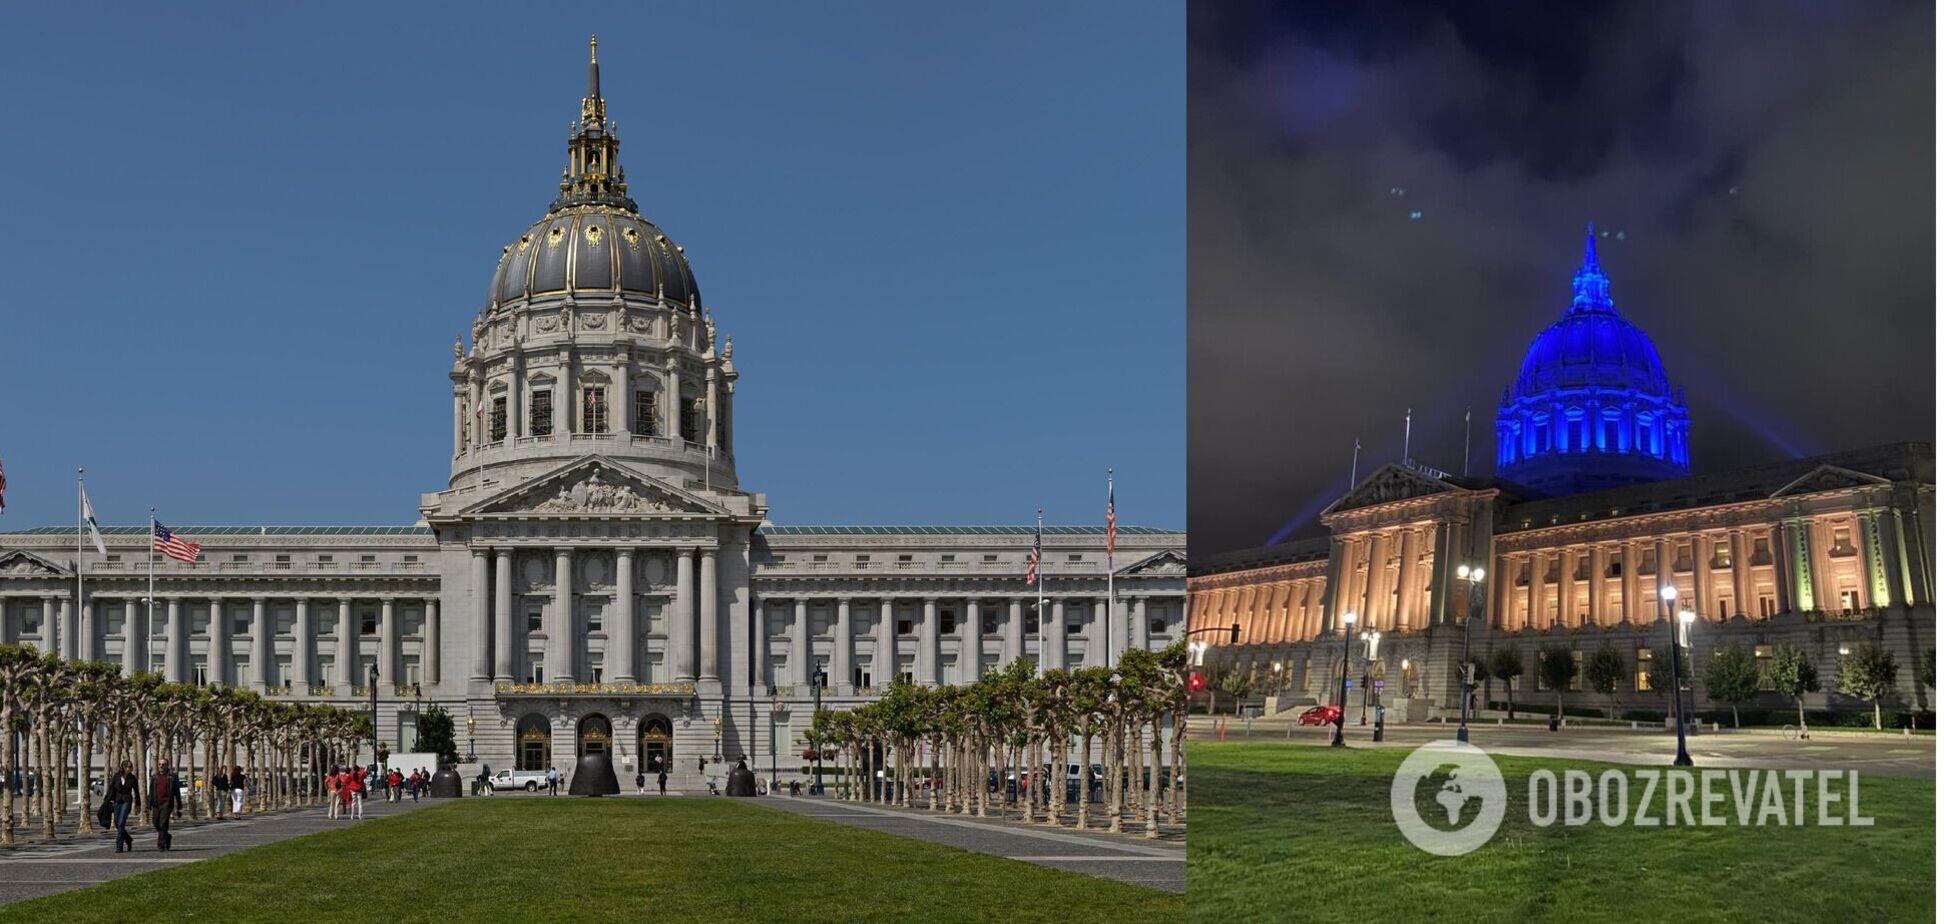 Мэрию Сан-Франциско подсветили цветами украинского флага в честь визита Зеленского. Фото